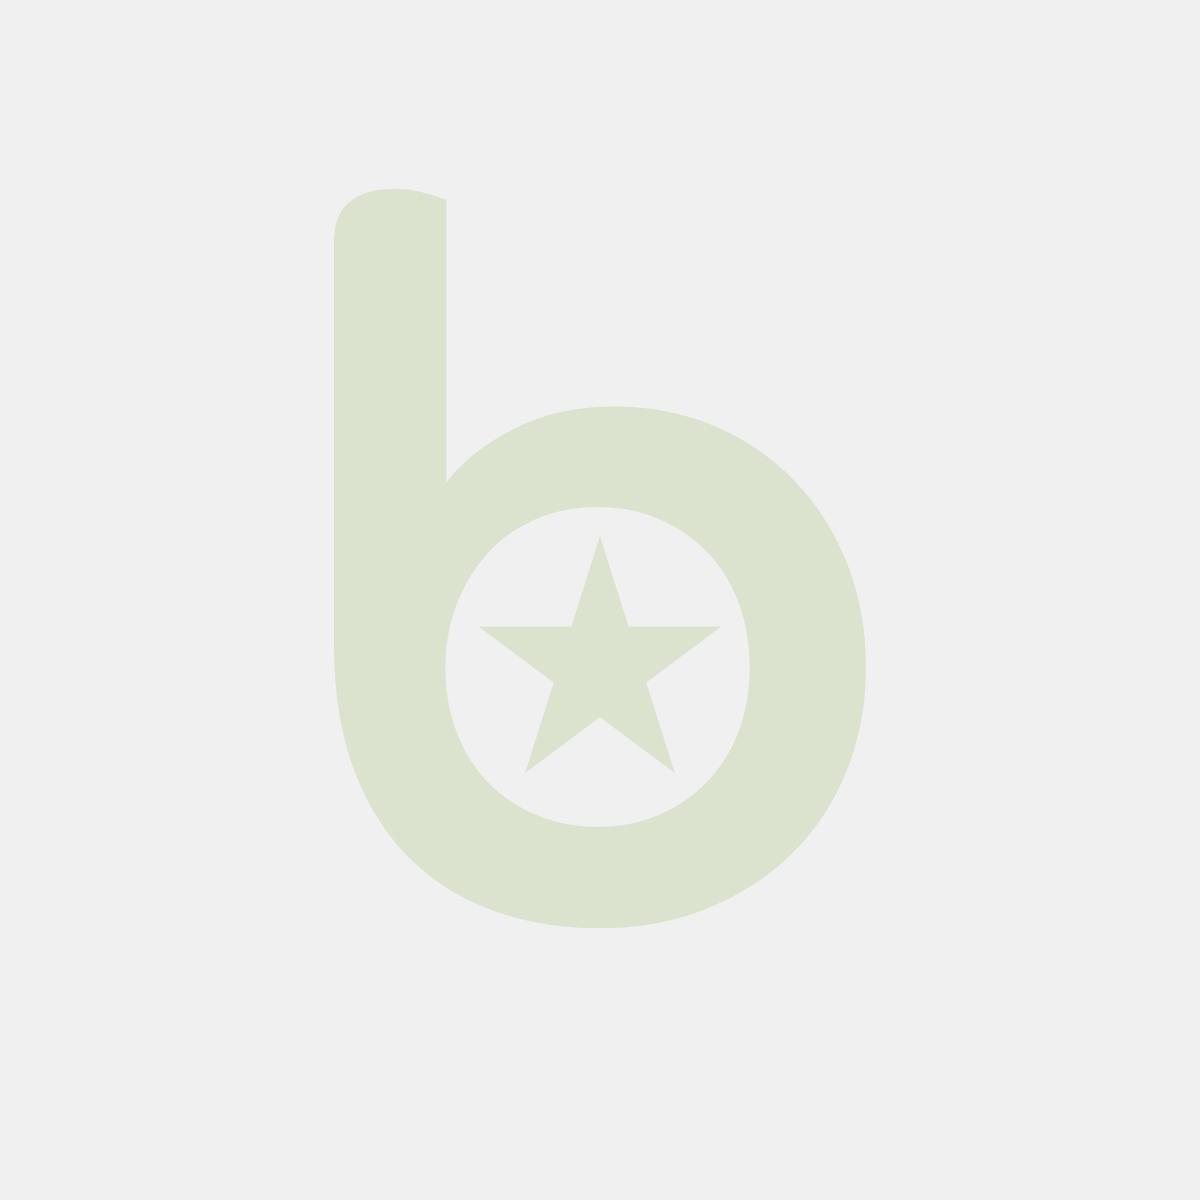 Łyżeczki jednorazowe - METALIZOWANE 13cm op.50szt